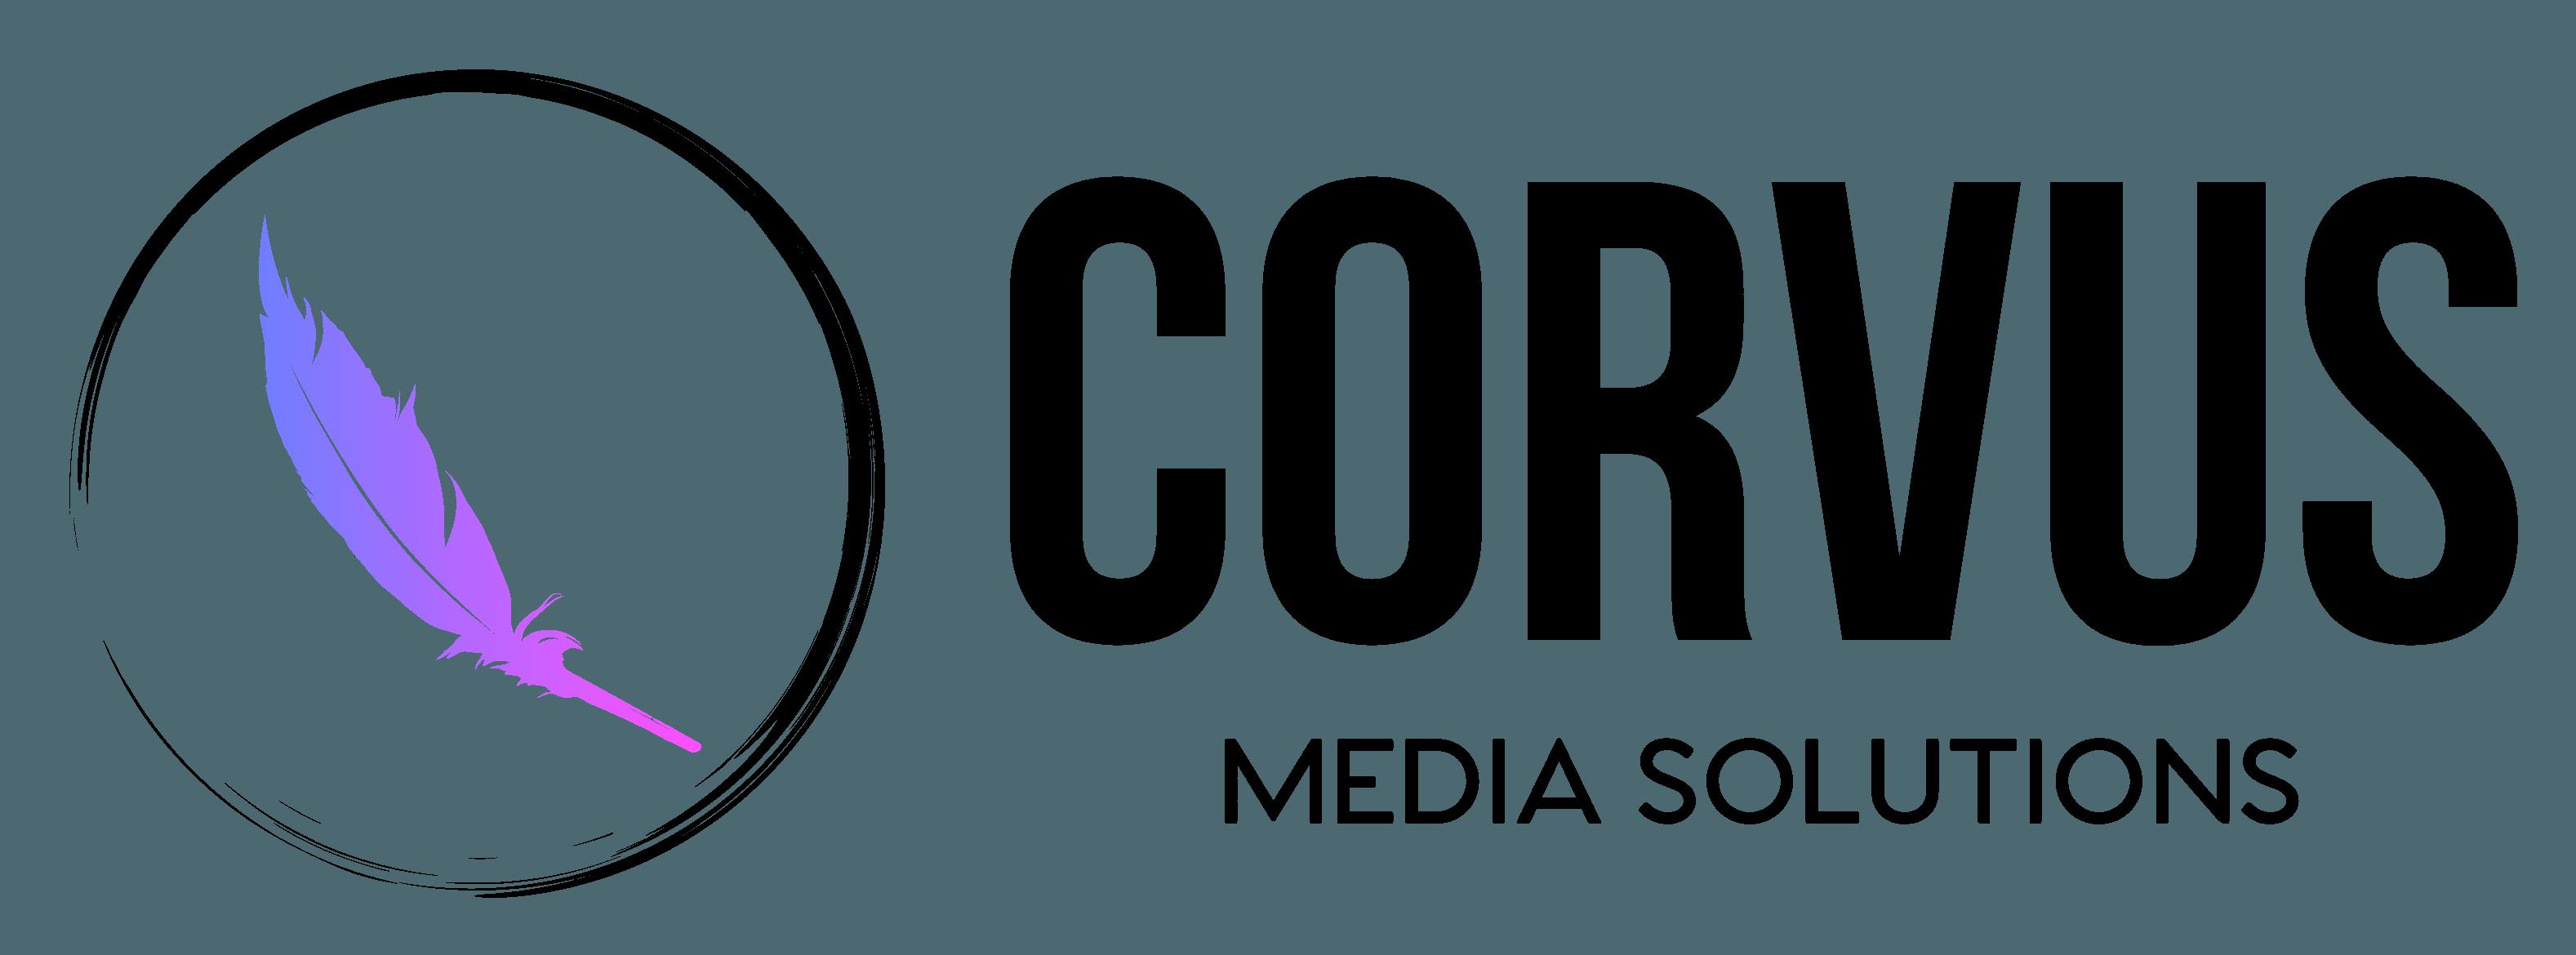 Corvus Media Solutions